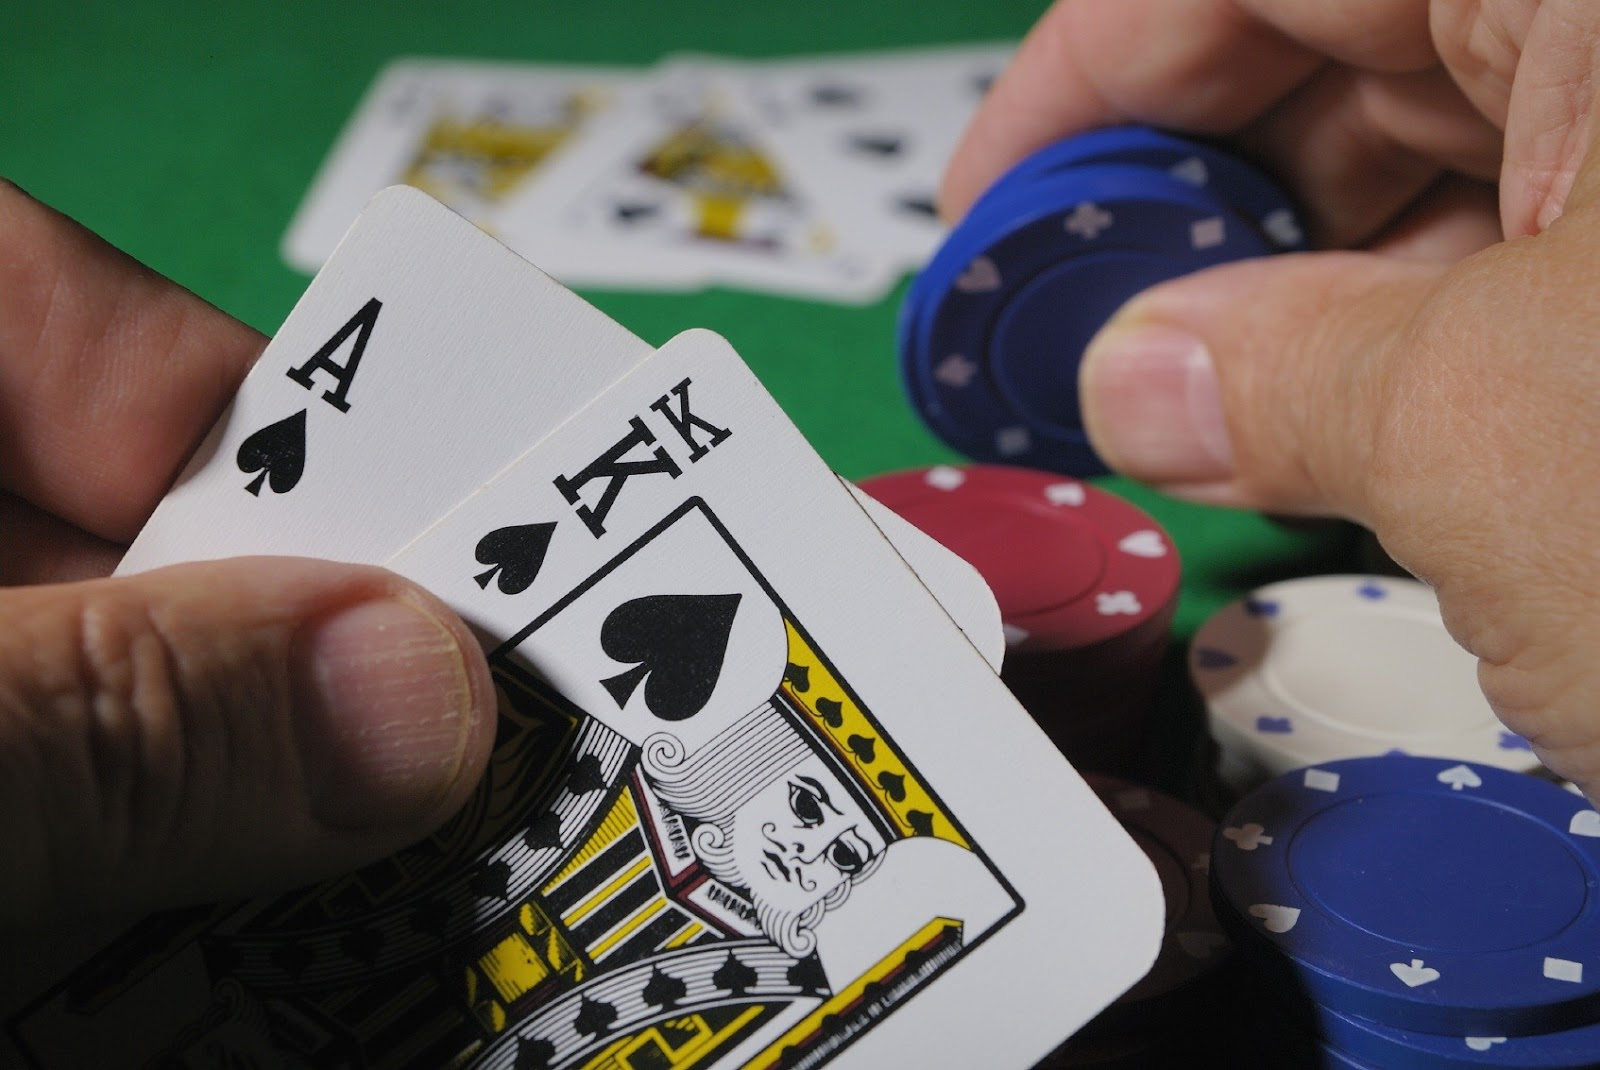 Kỹ năng cần thiết khi chơi poker là gì?